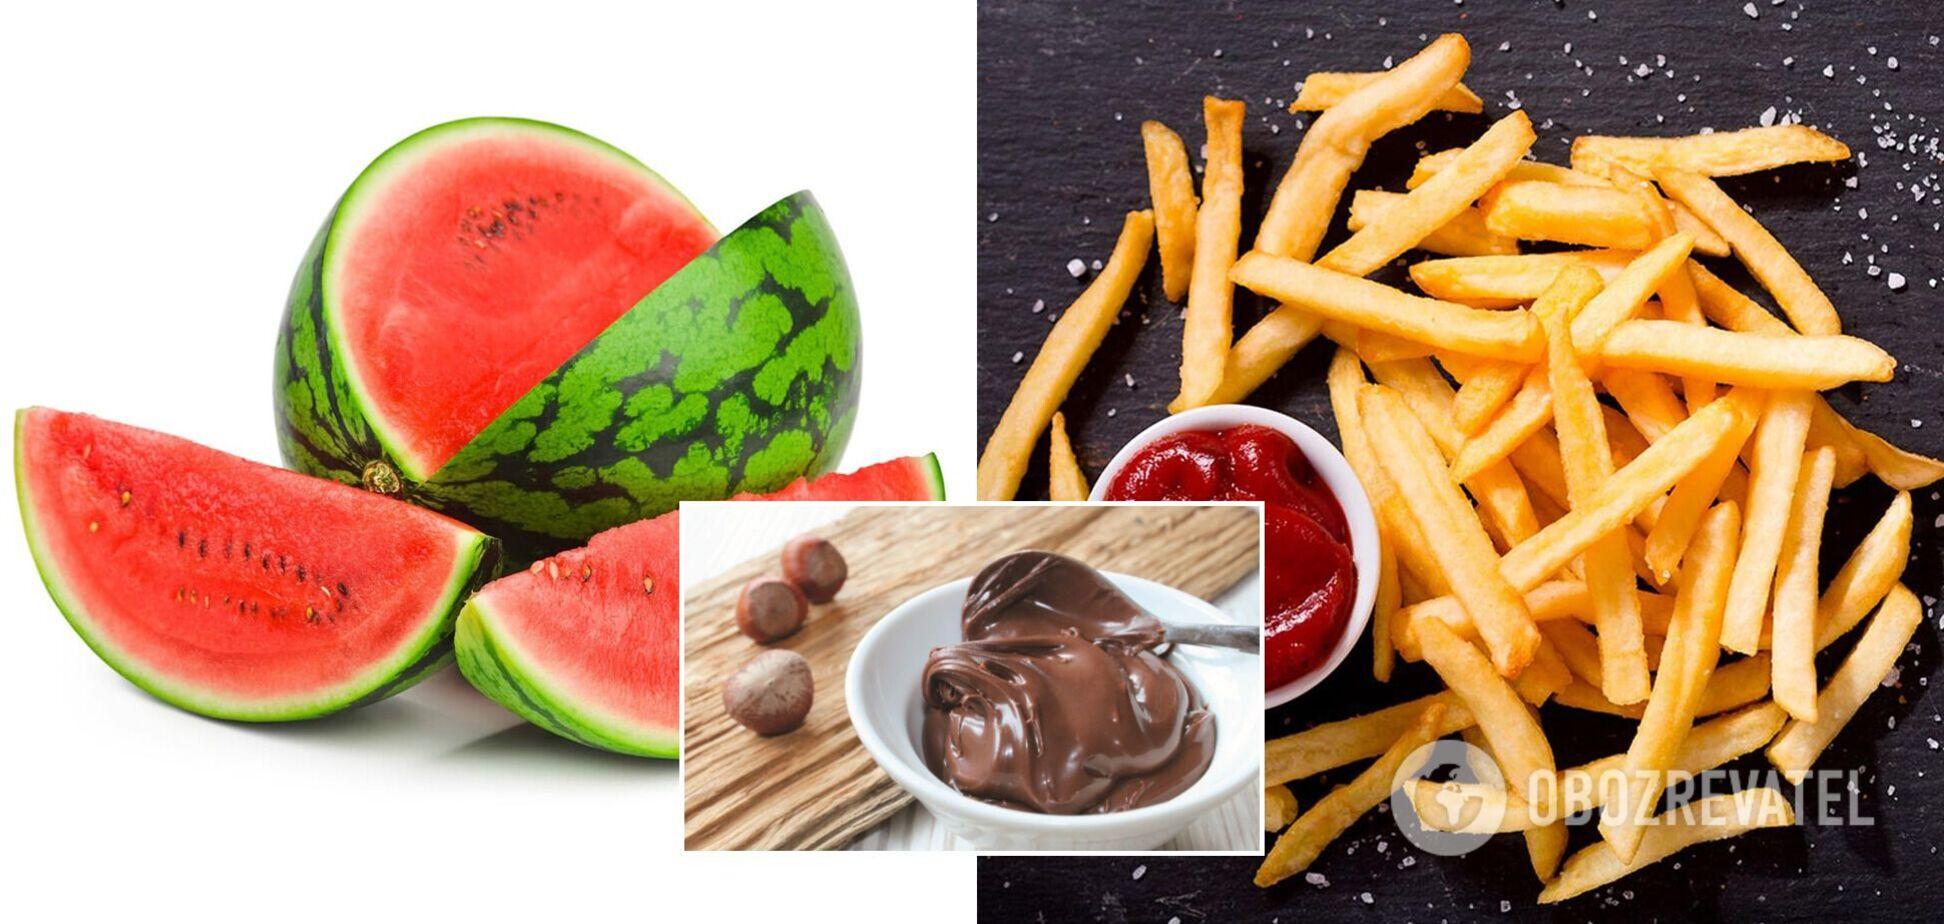 Мясо с шоколадом и колбаса с вареньем: странные, но вкусные сочетания